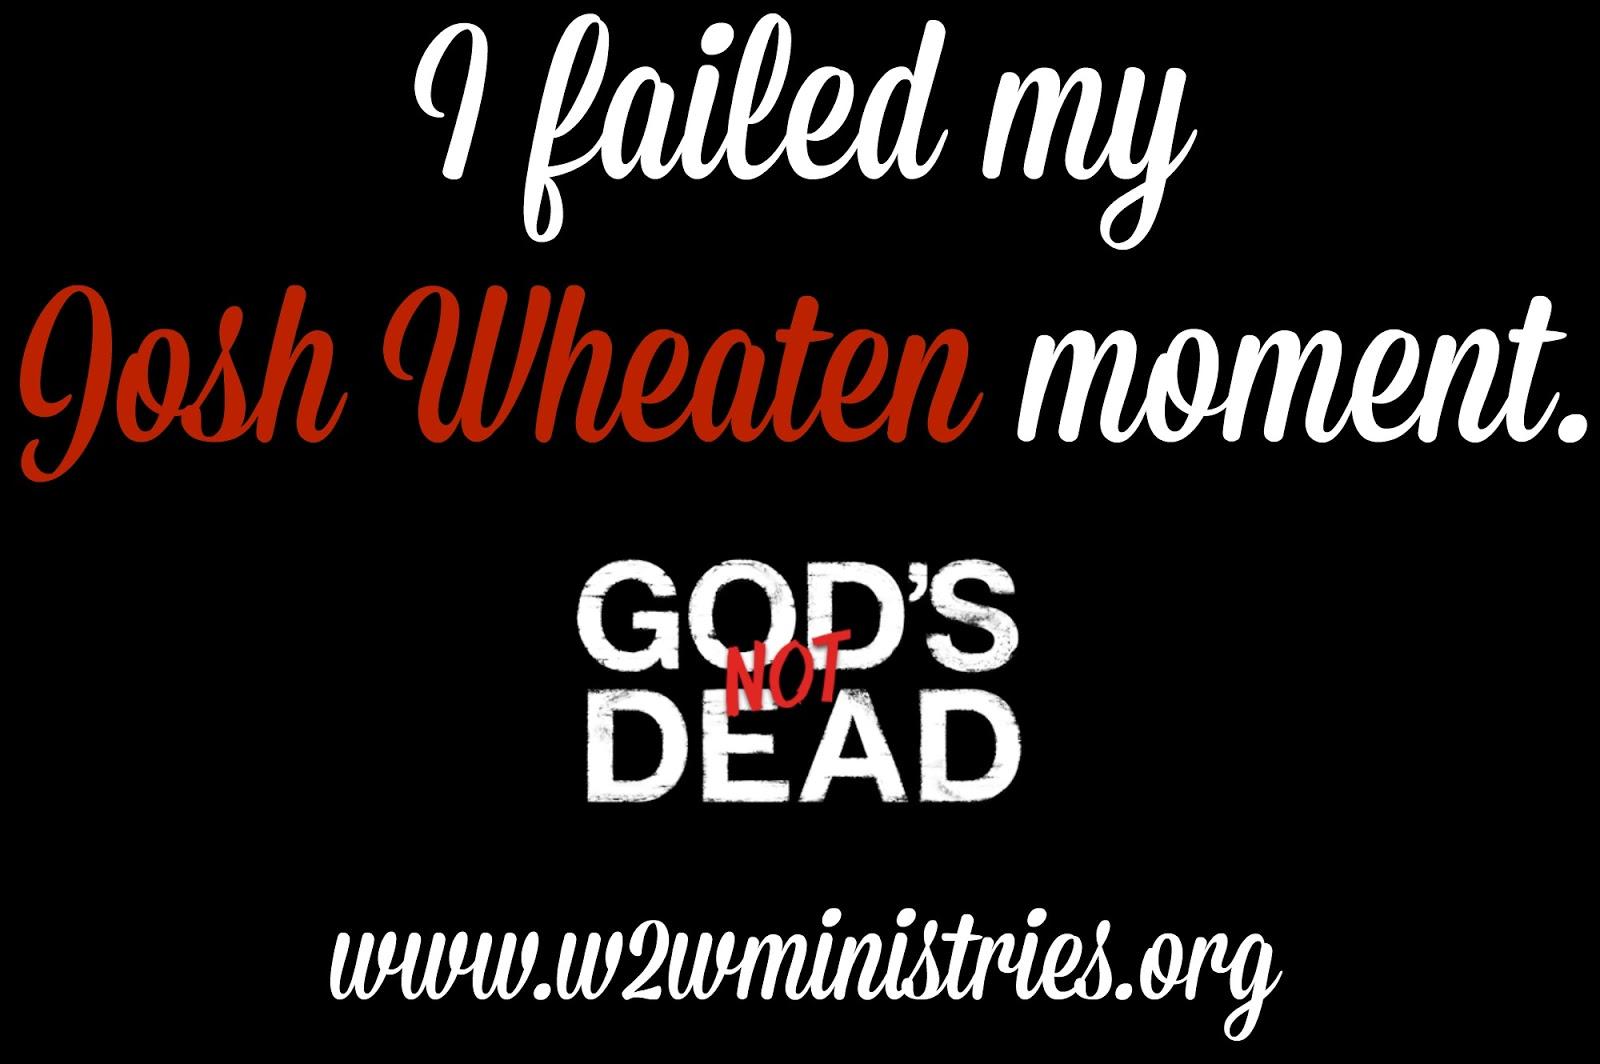 #Godsnotdead #Jesus